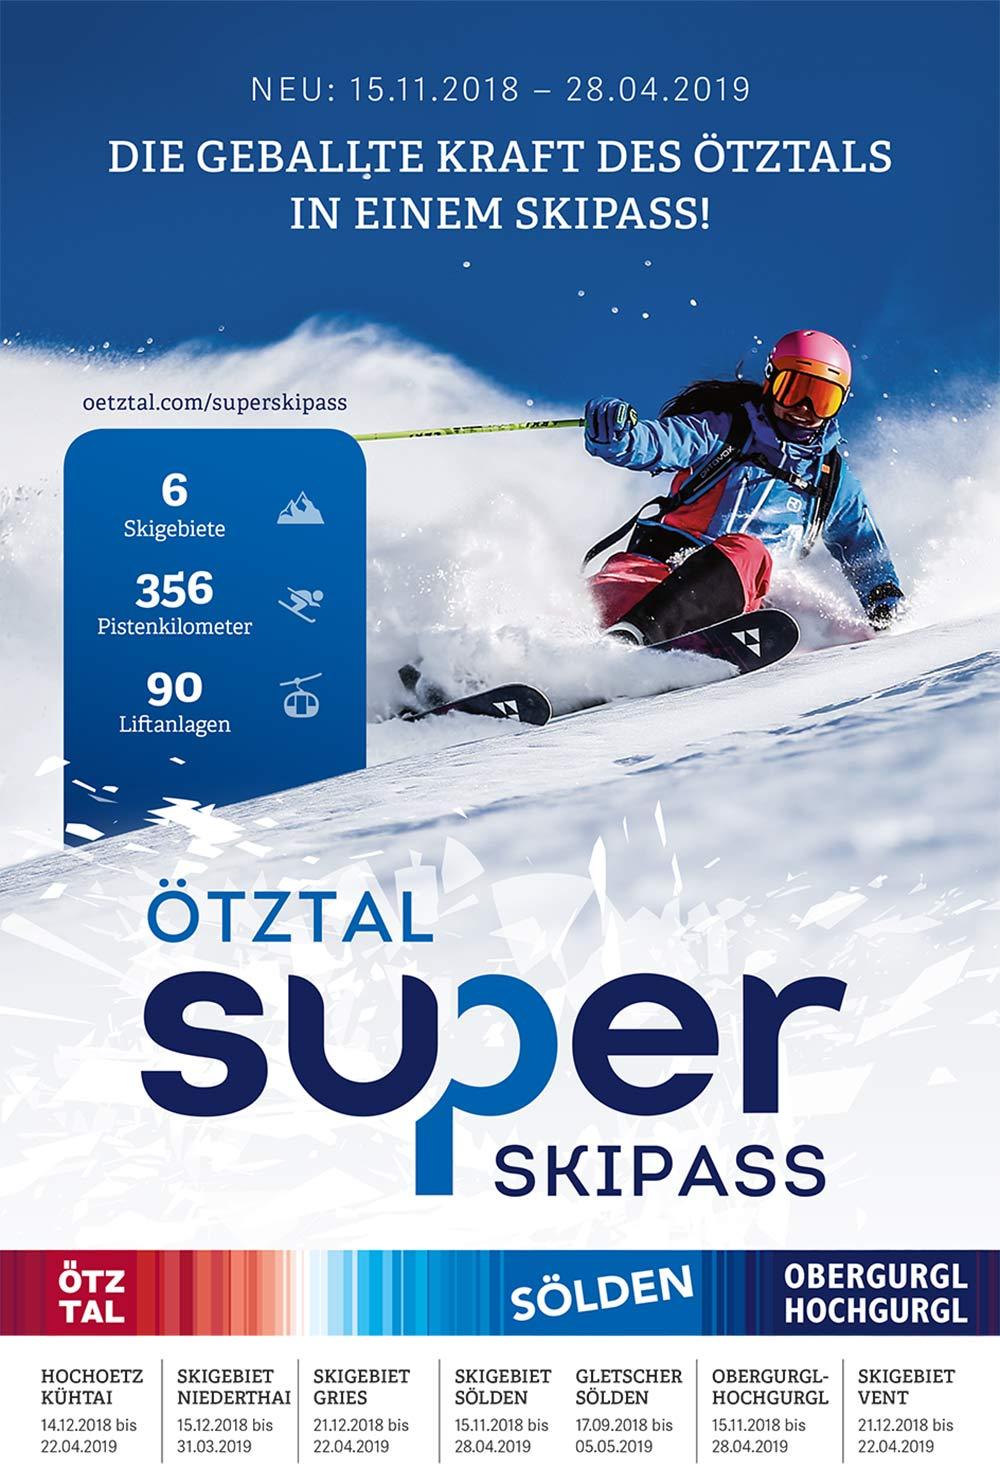 Der neue Ötztal Super-Skipass